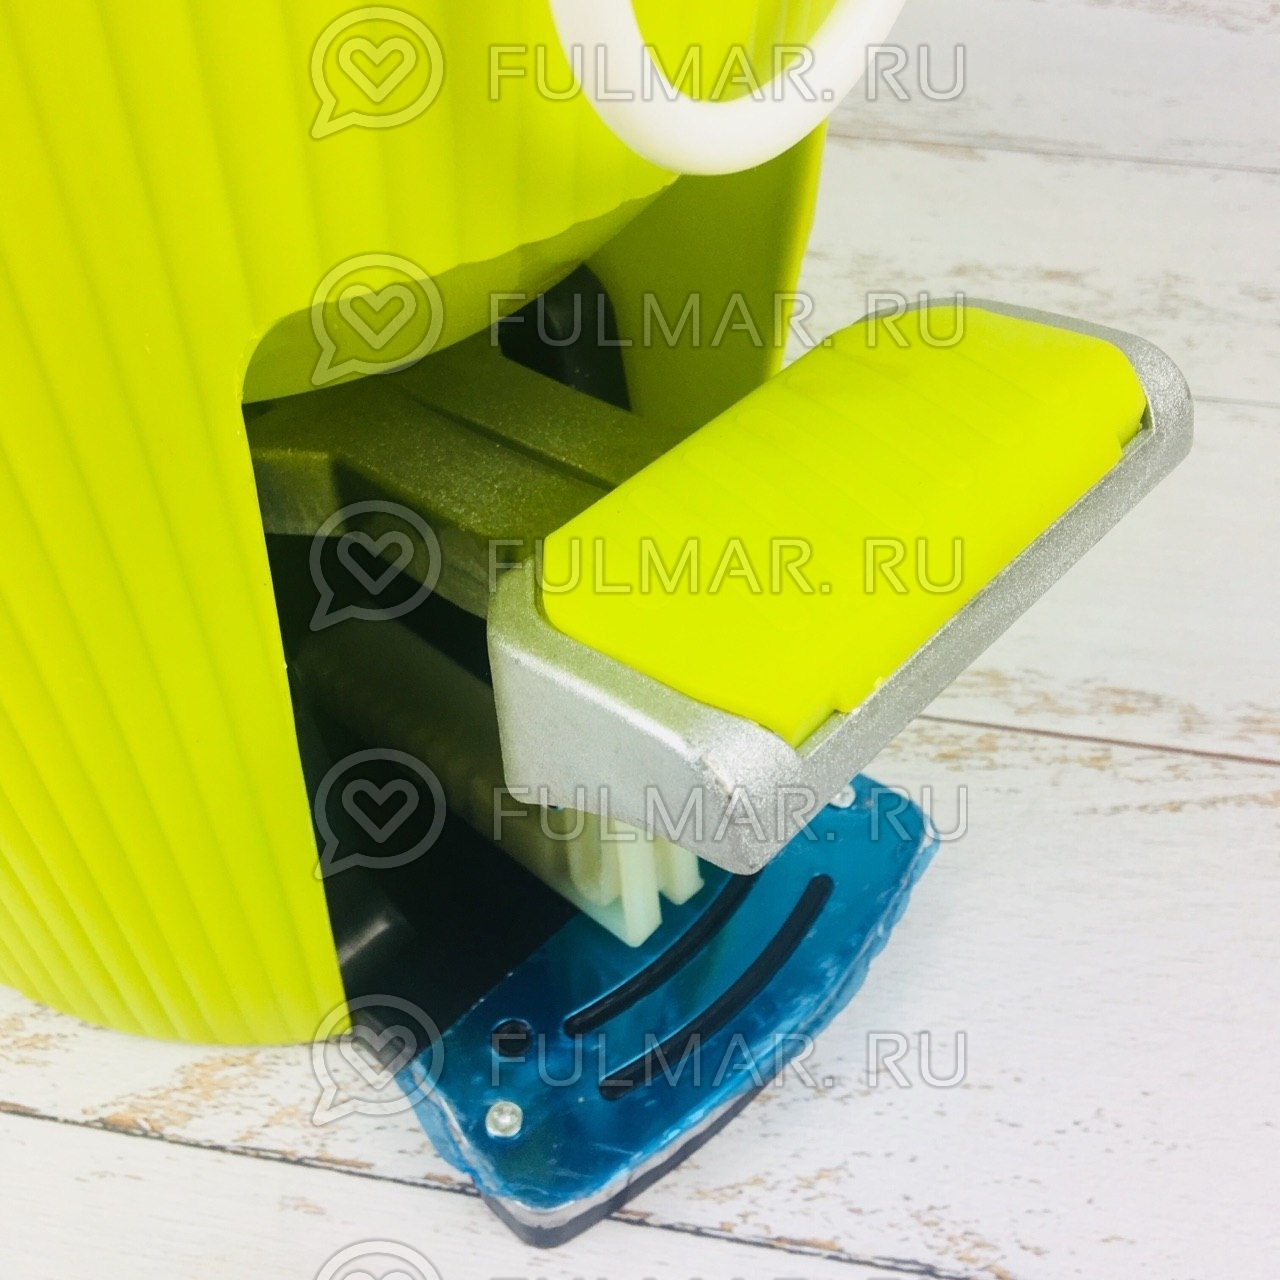 Швабра и ведро с отжимом Spin Mop 7,5 литров со стальной педалью Цвет Салатовый